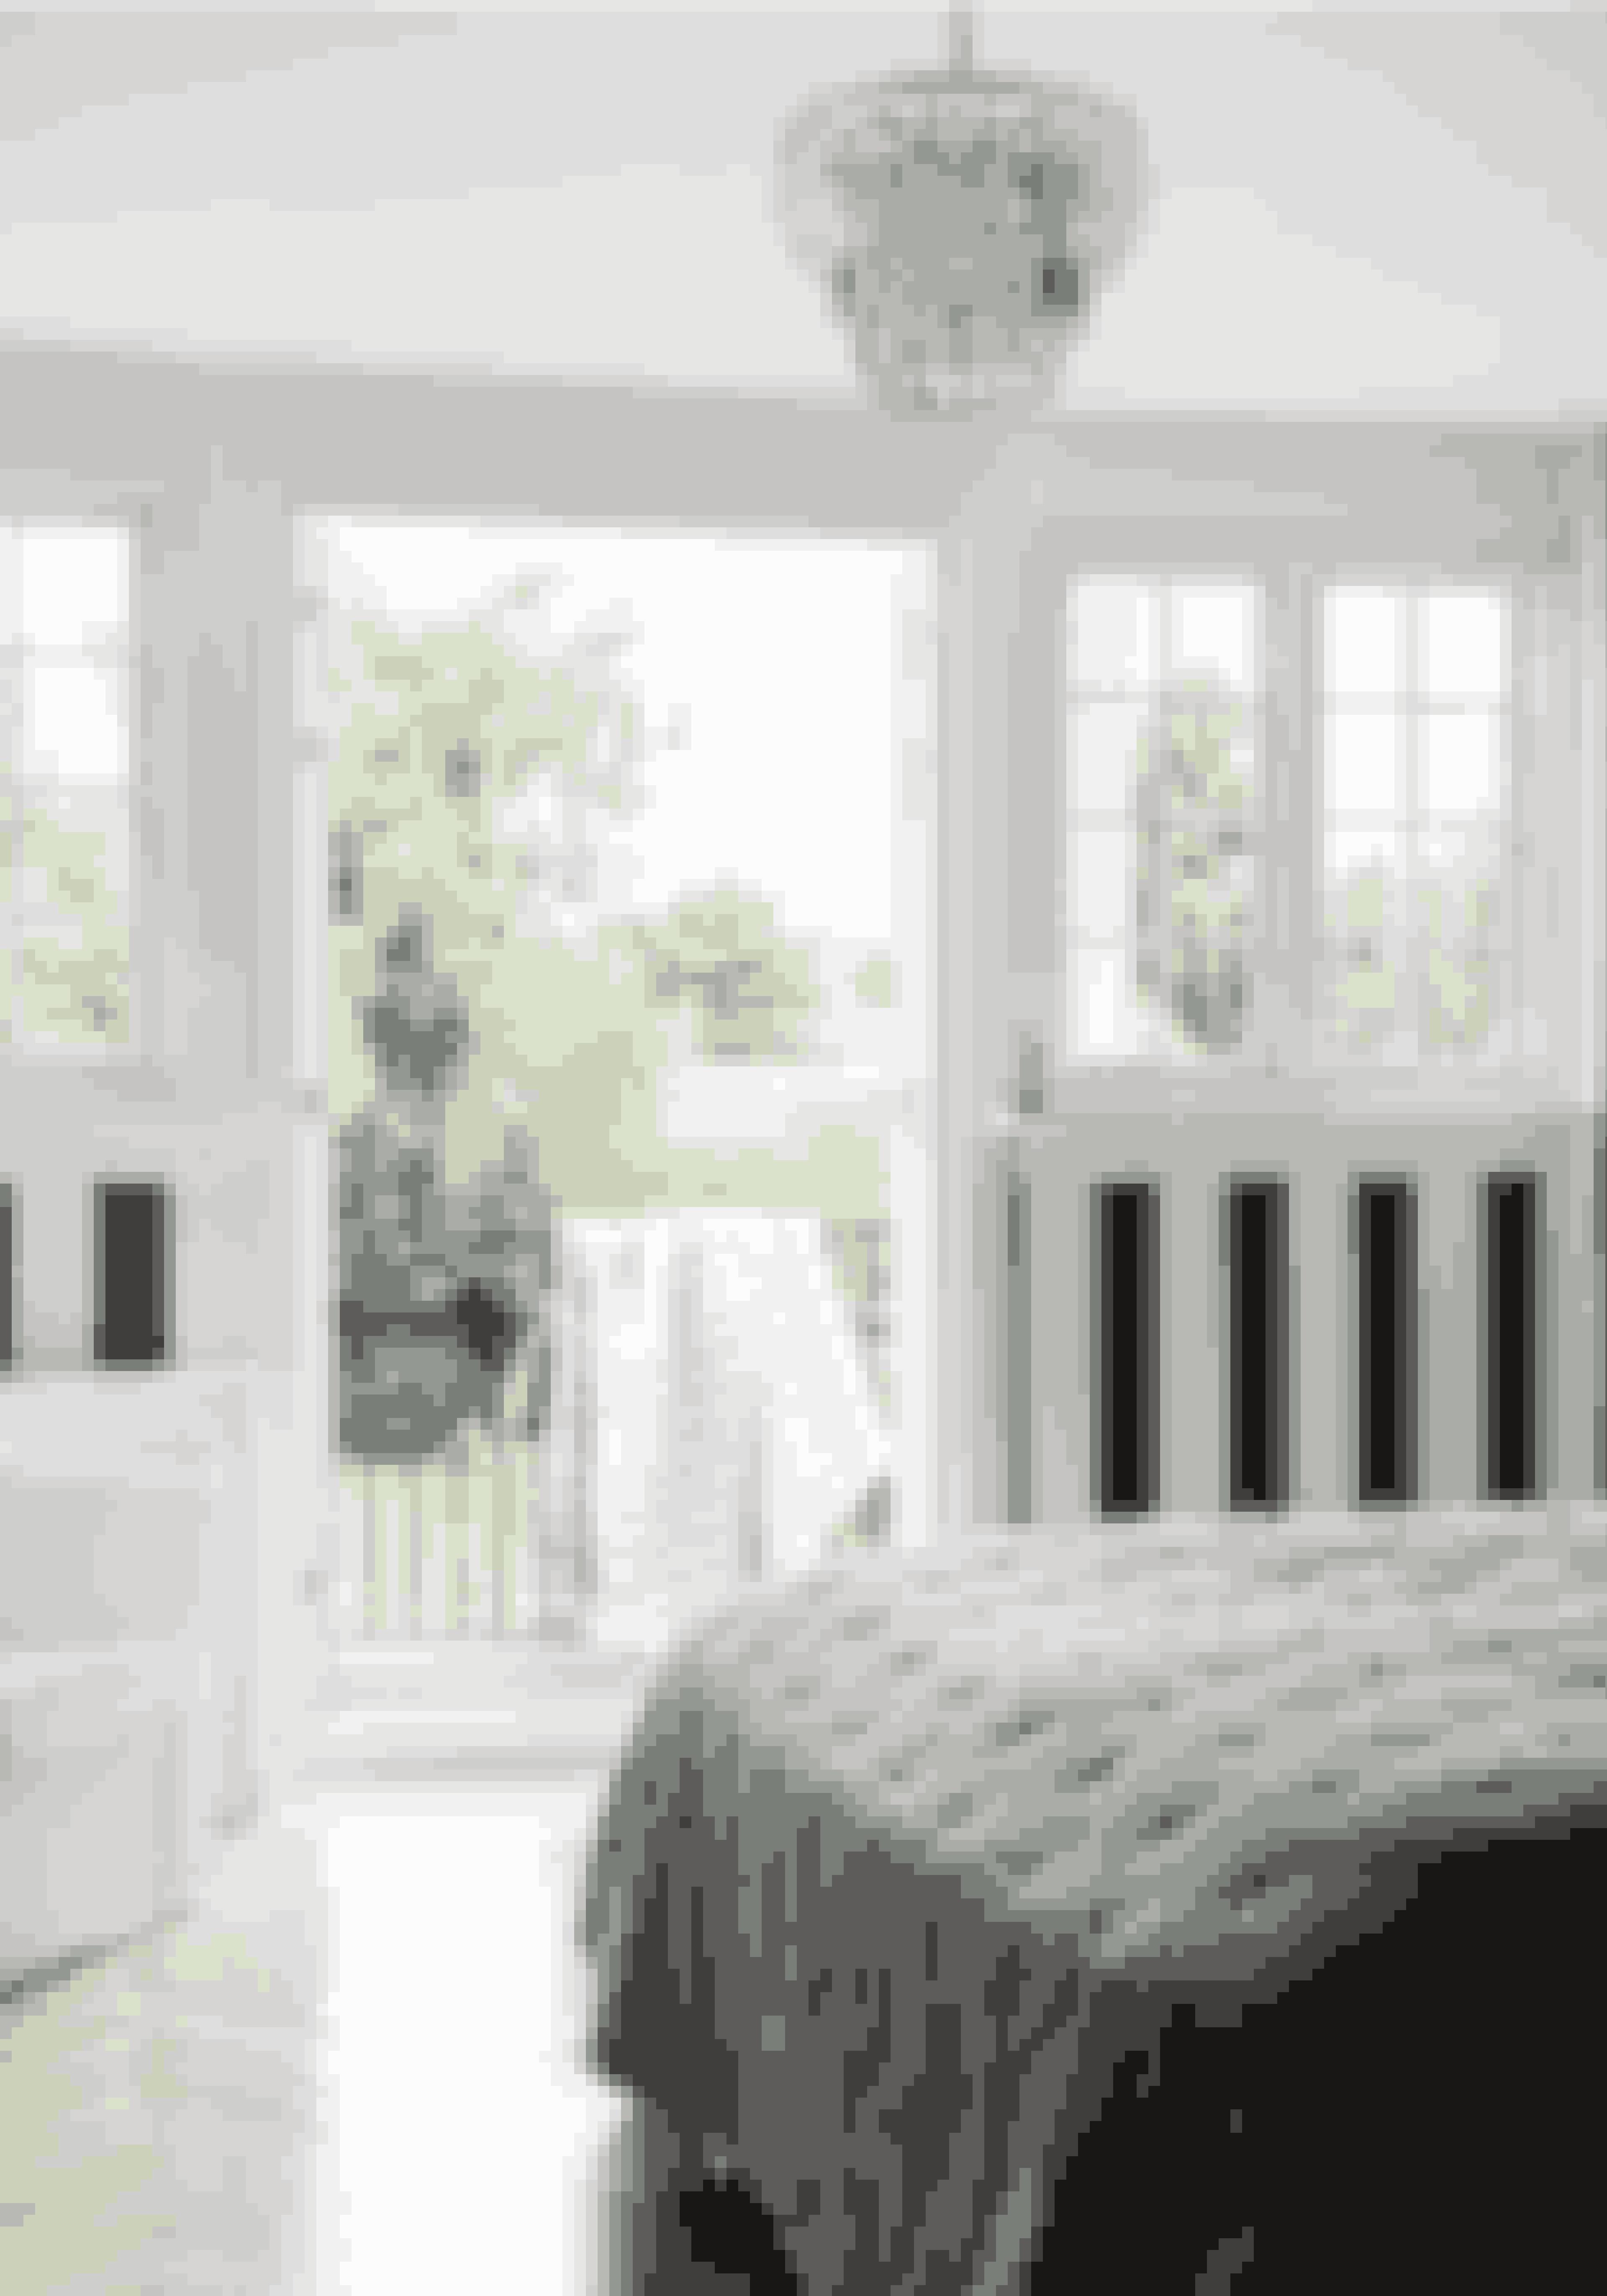 Med tapet kan du skabe stemning, give rum grafisk kant eller definere en stil, så fx dit soveværelse får karakter af badehotel eller som her klassisk hotelværelse.